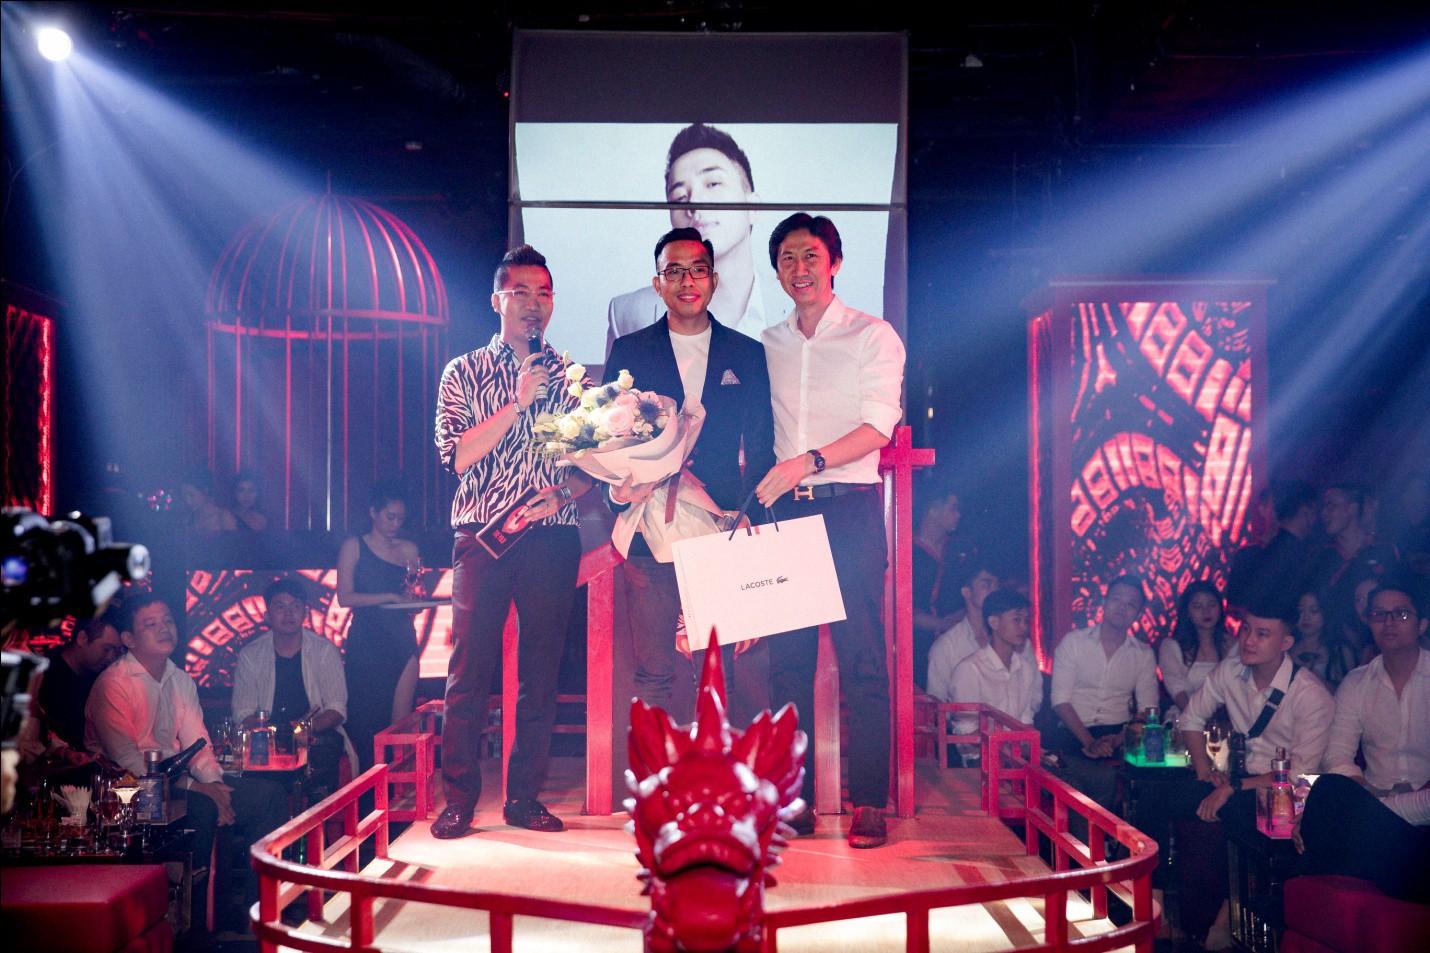 Có gì trong điểm giải trí mà nhạc sĩ Nguyễn Hồng Thuận chi đậm tổ chức sinh nhật? - Ảnh 7.